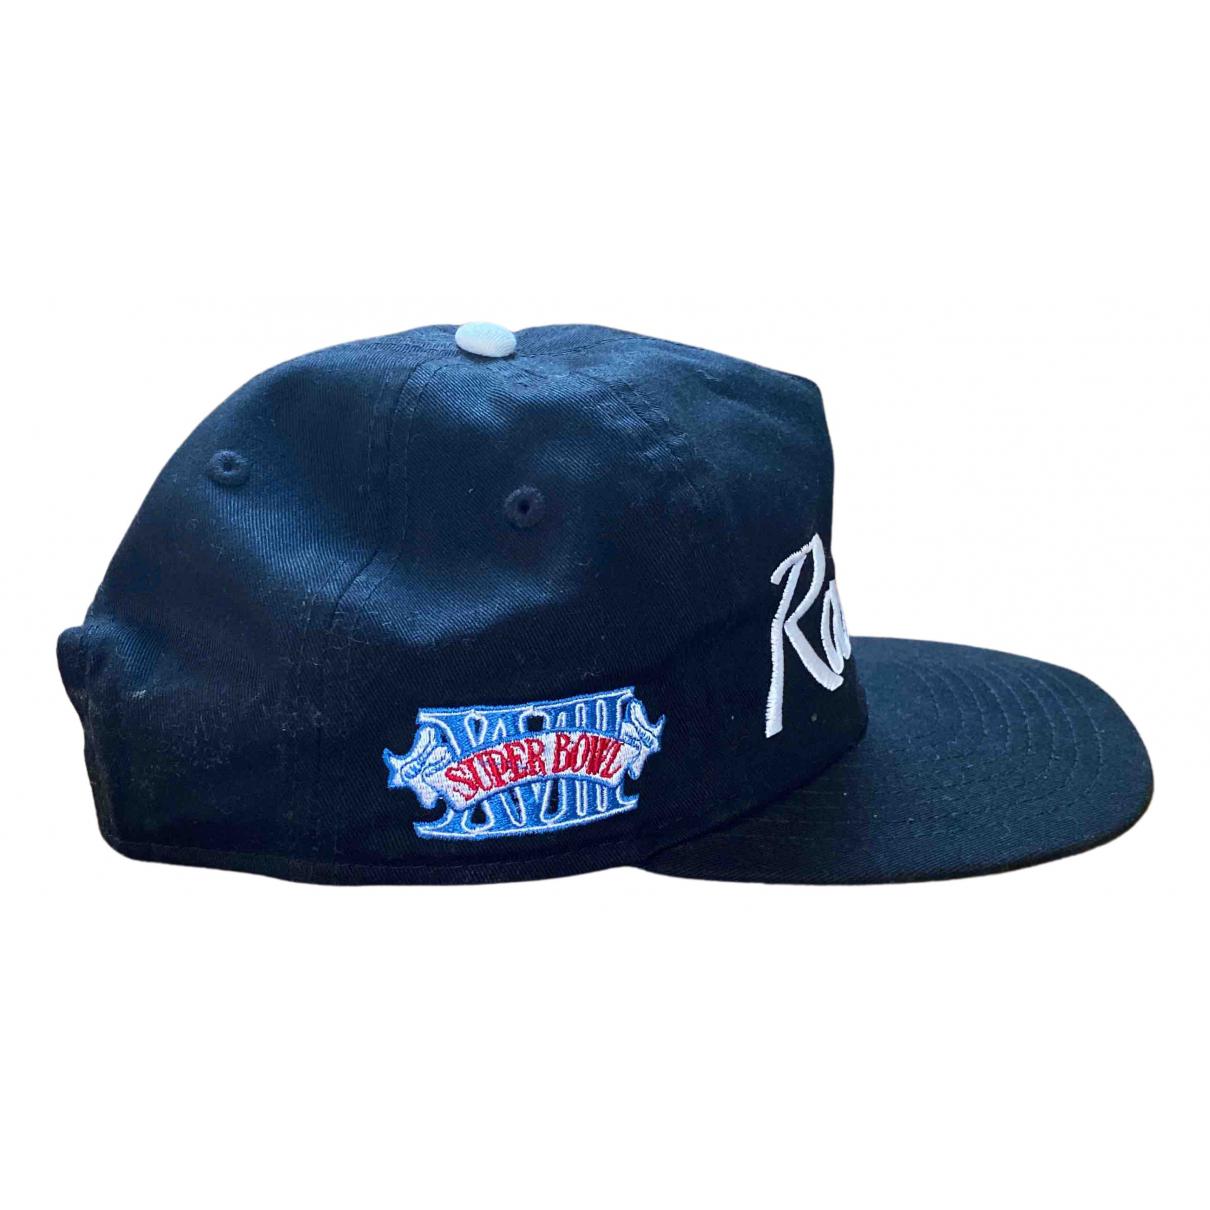 Nfl Team Apparel N Black Cotton hat & pull on hat for Men M International